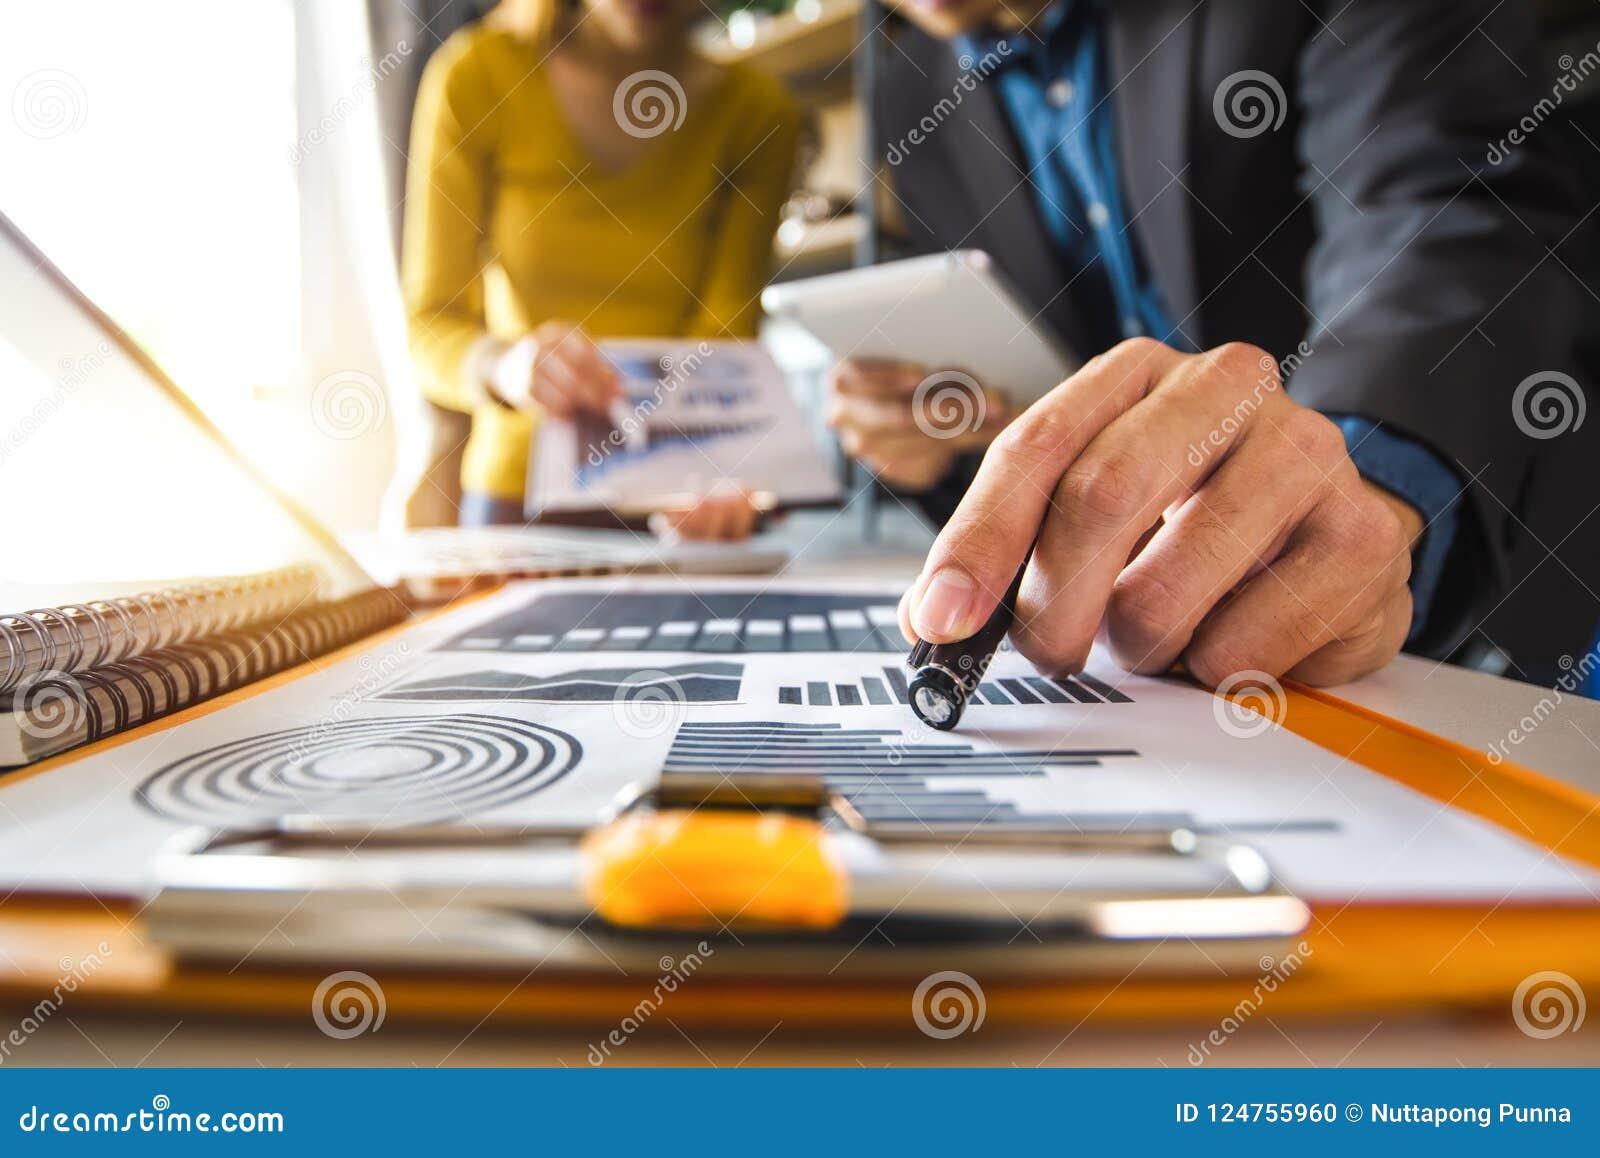 деловые документы на таблице офиса с умным телефоном и цифровыми таблеткой и диаграммой